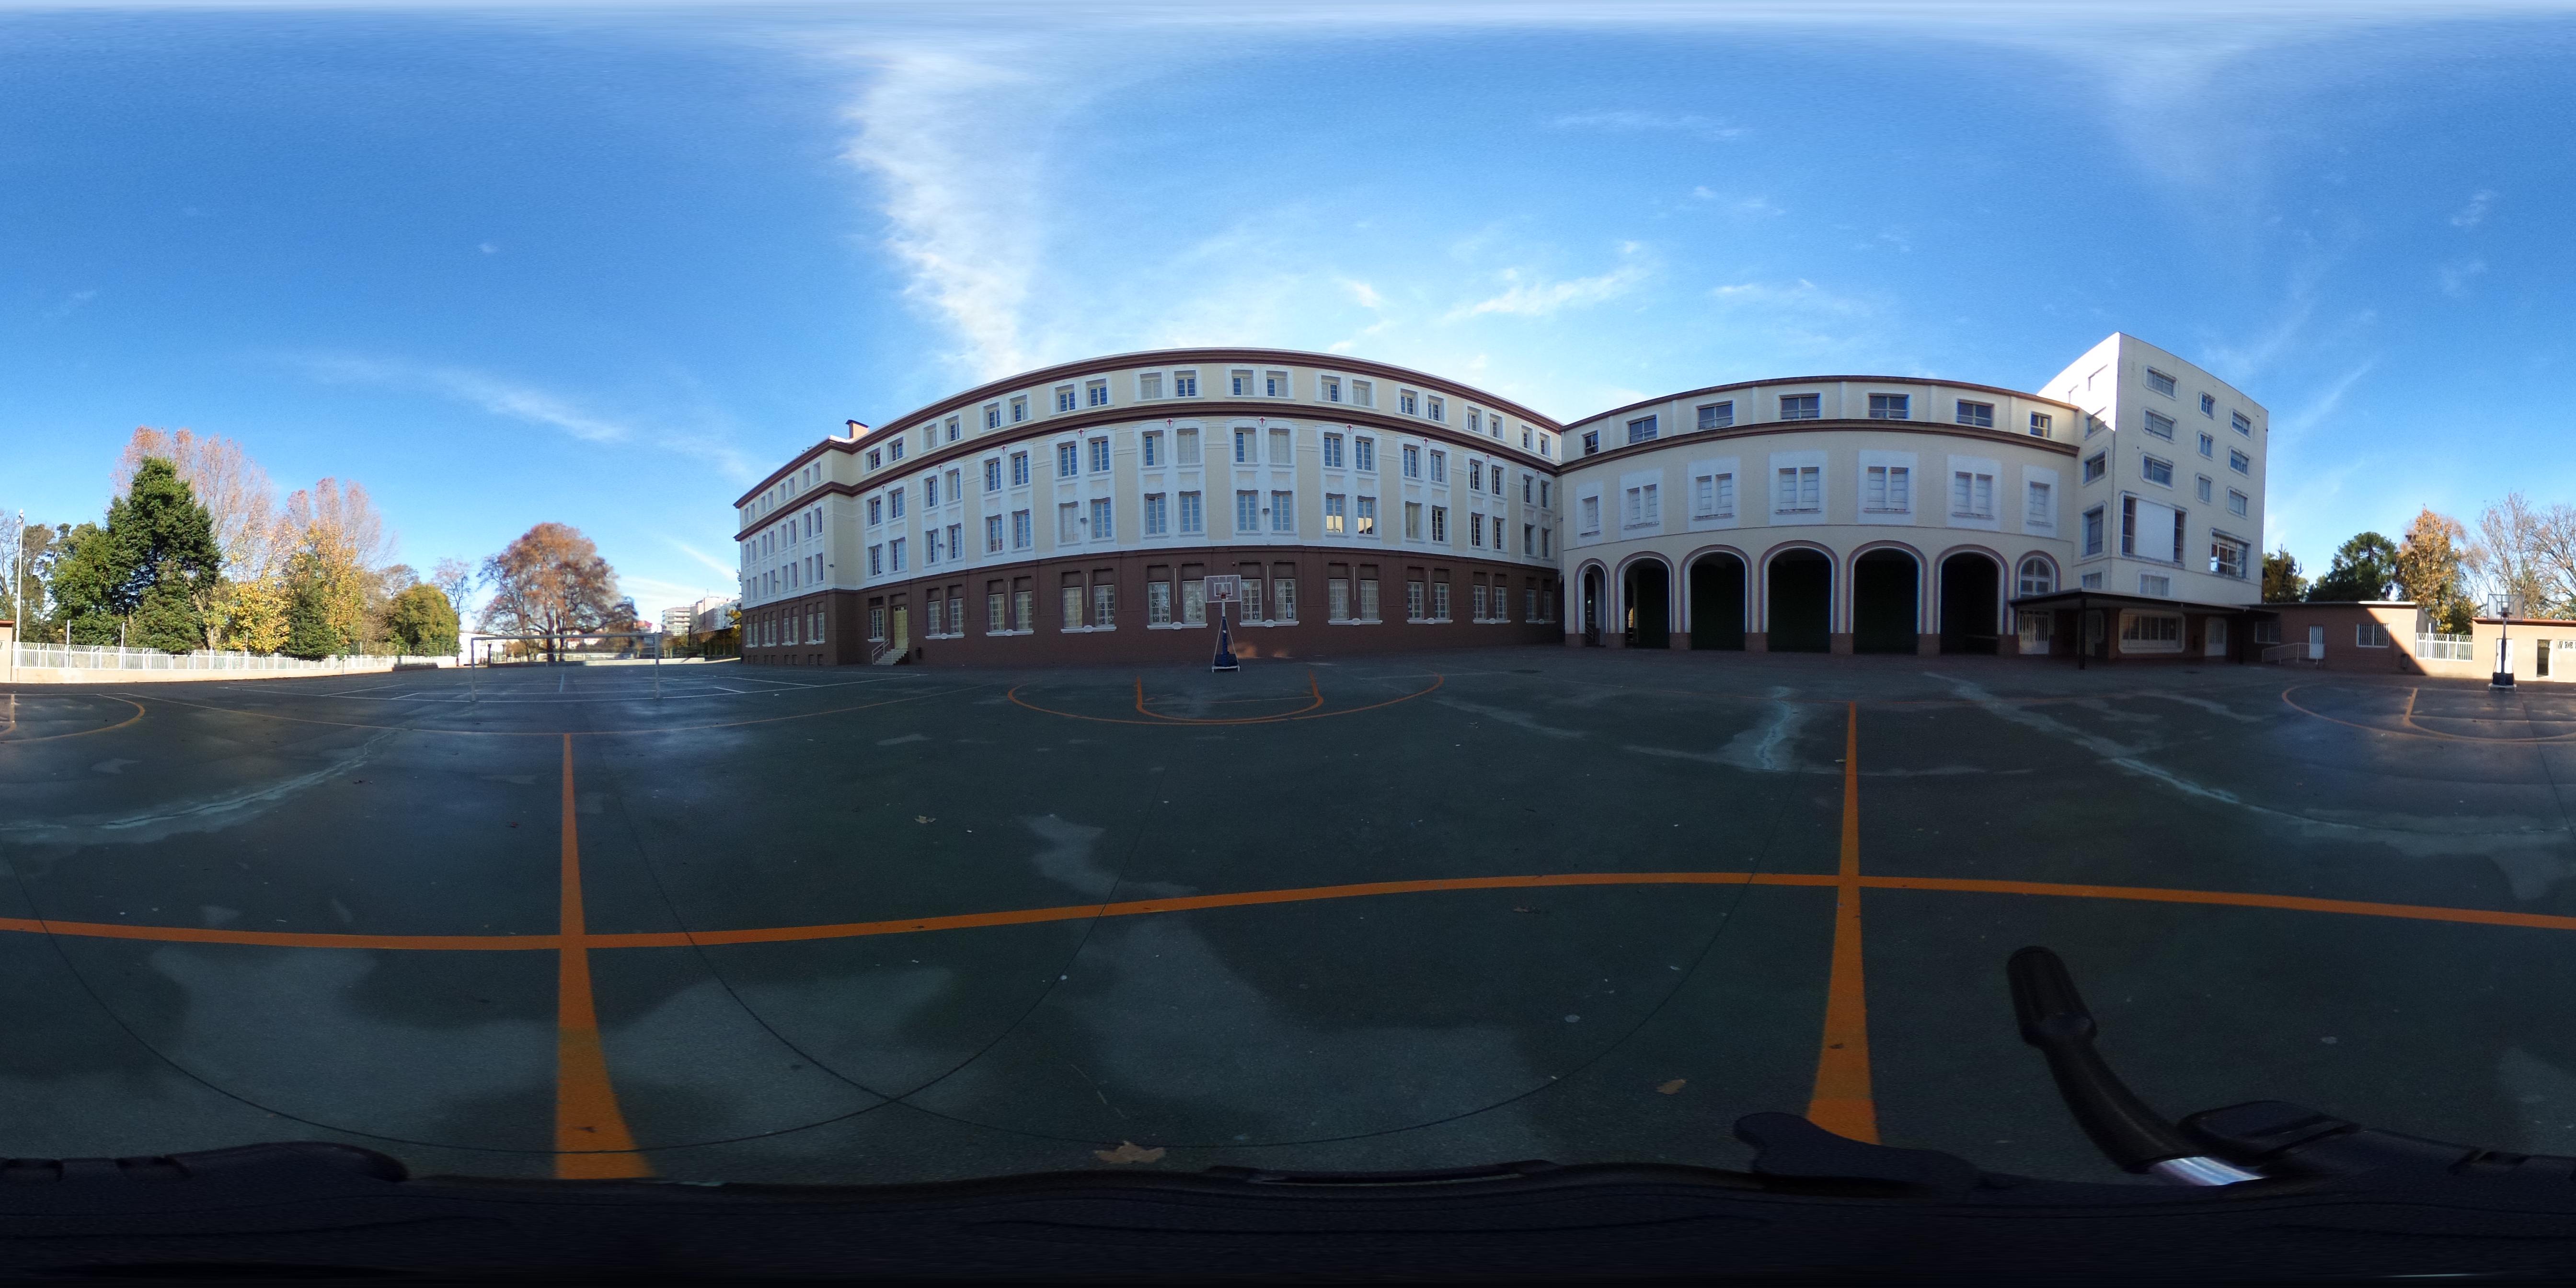 Campo de fútbol e edificio nobre